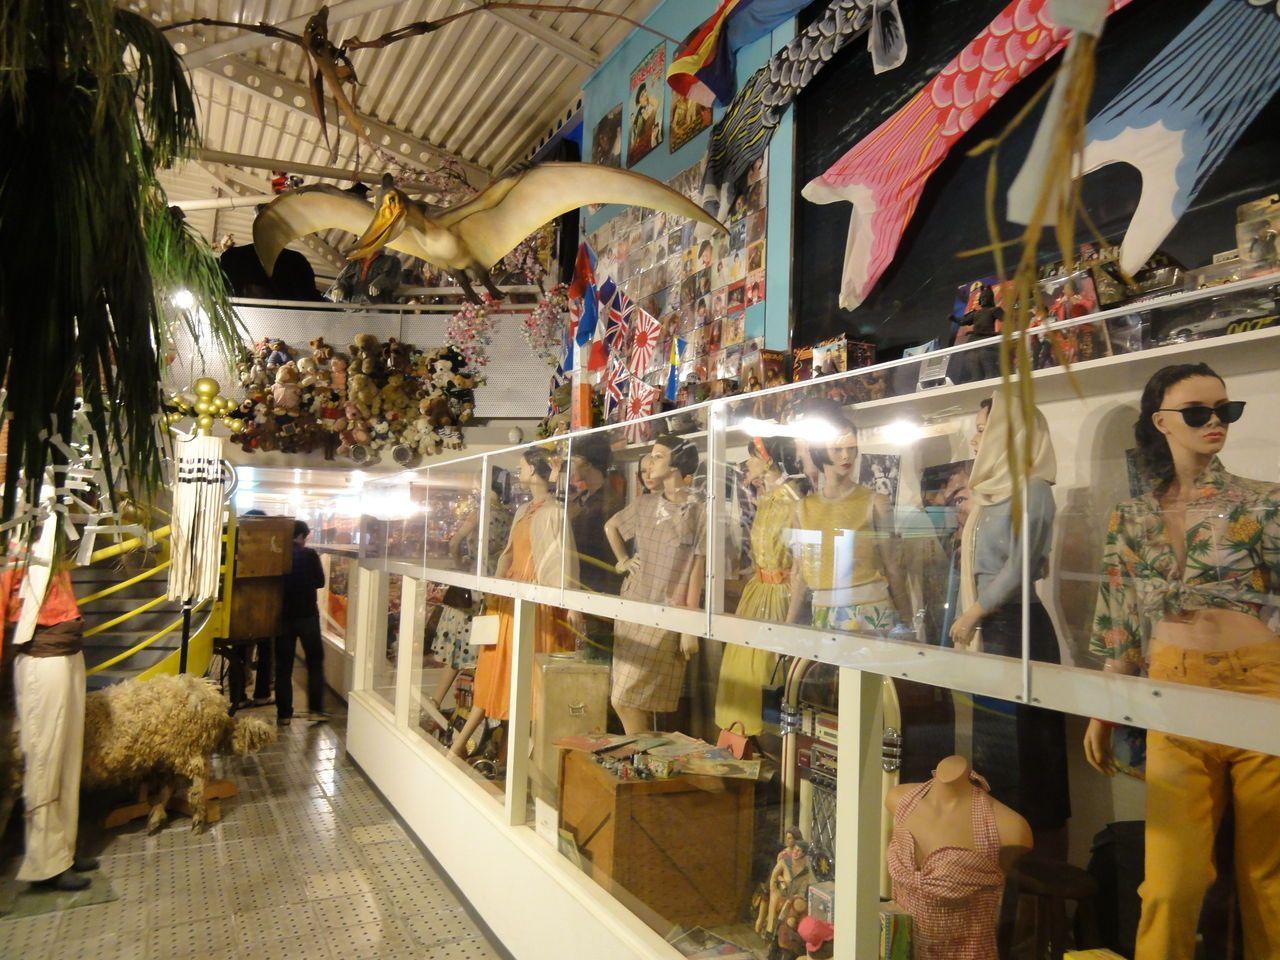 手作りお化け屋敷が恐ろしい「怪しい少年少女博物館」